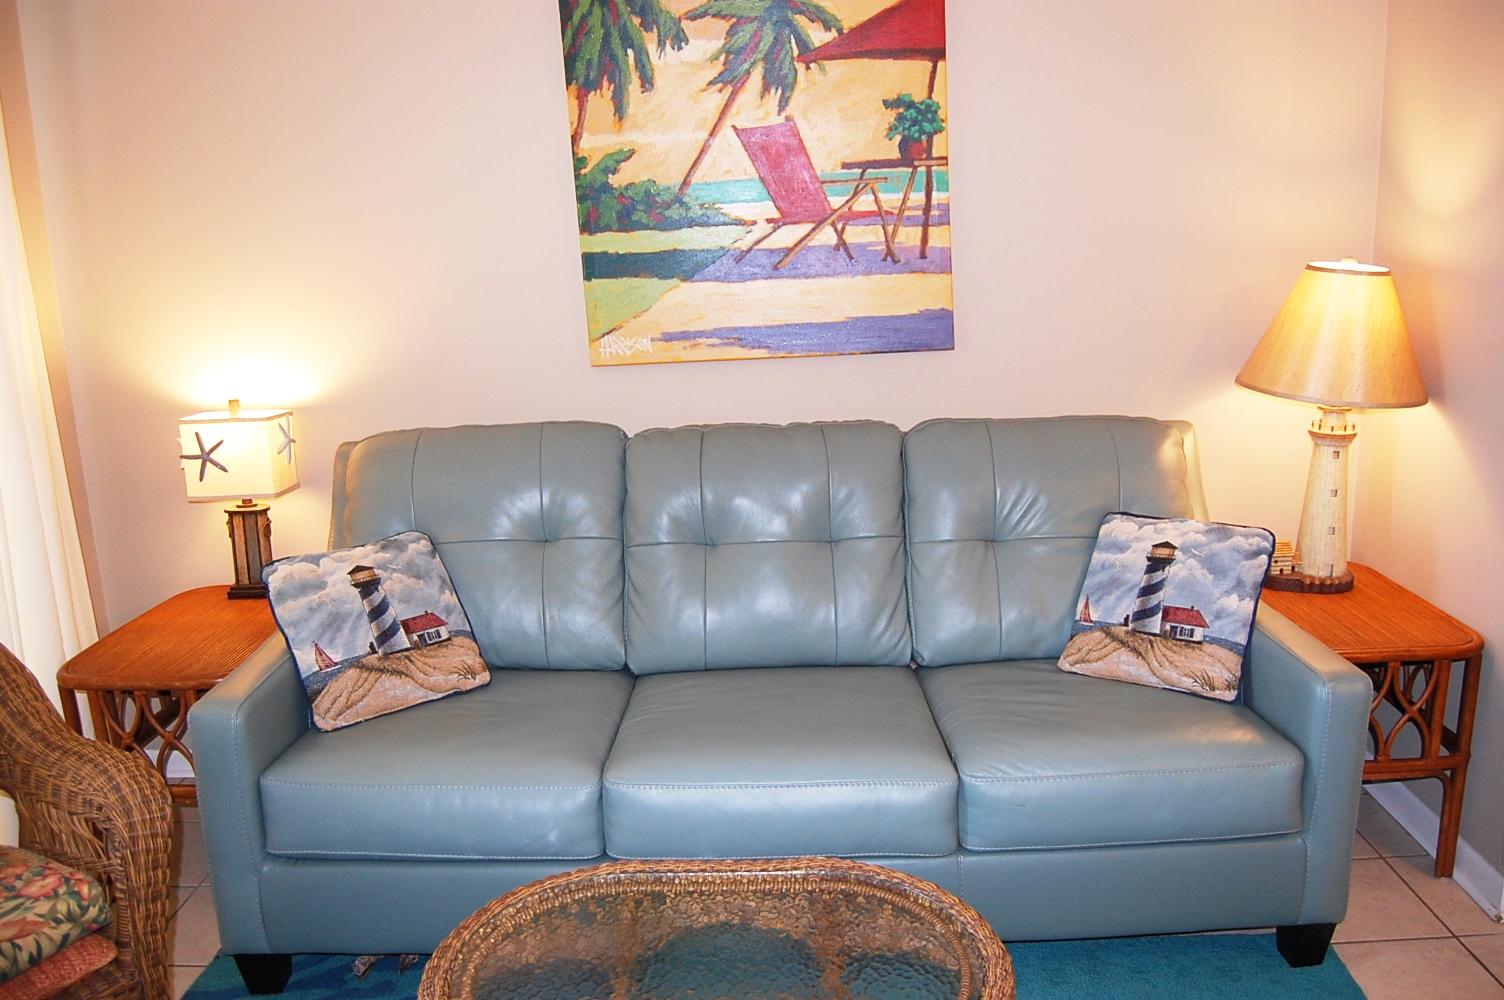 Gulf Shores Surf & Racquet 214 A Condo rental in Gulf Shores Surf and Racquet Club in Gulf Shores Alabama - #30